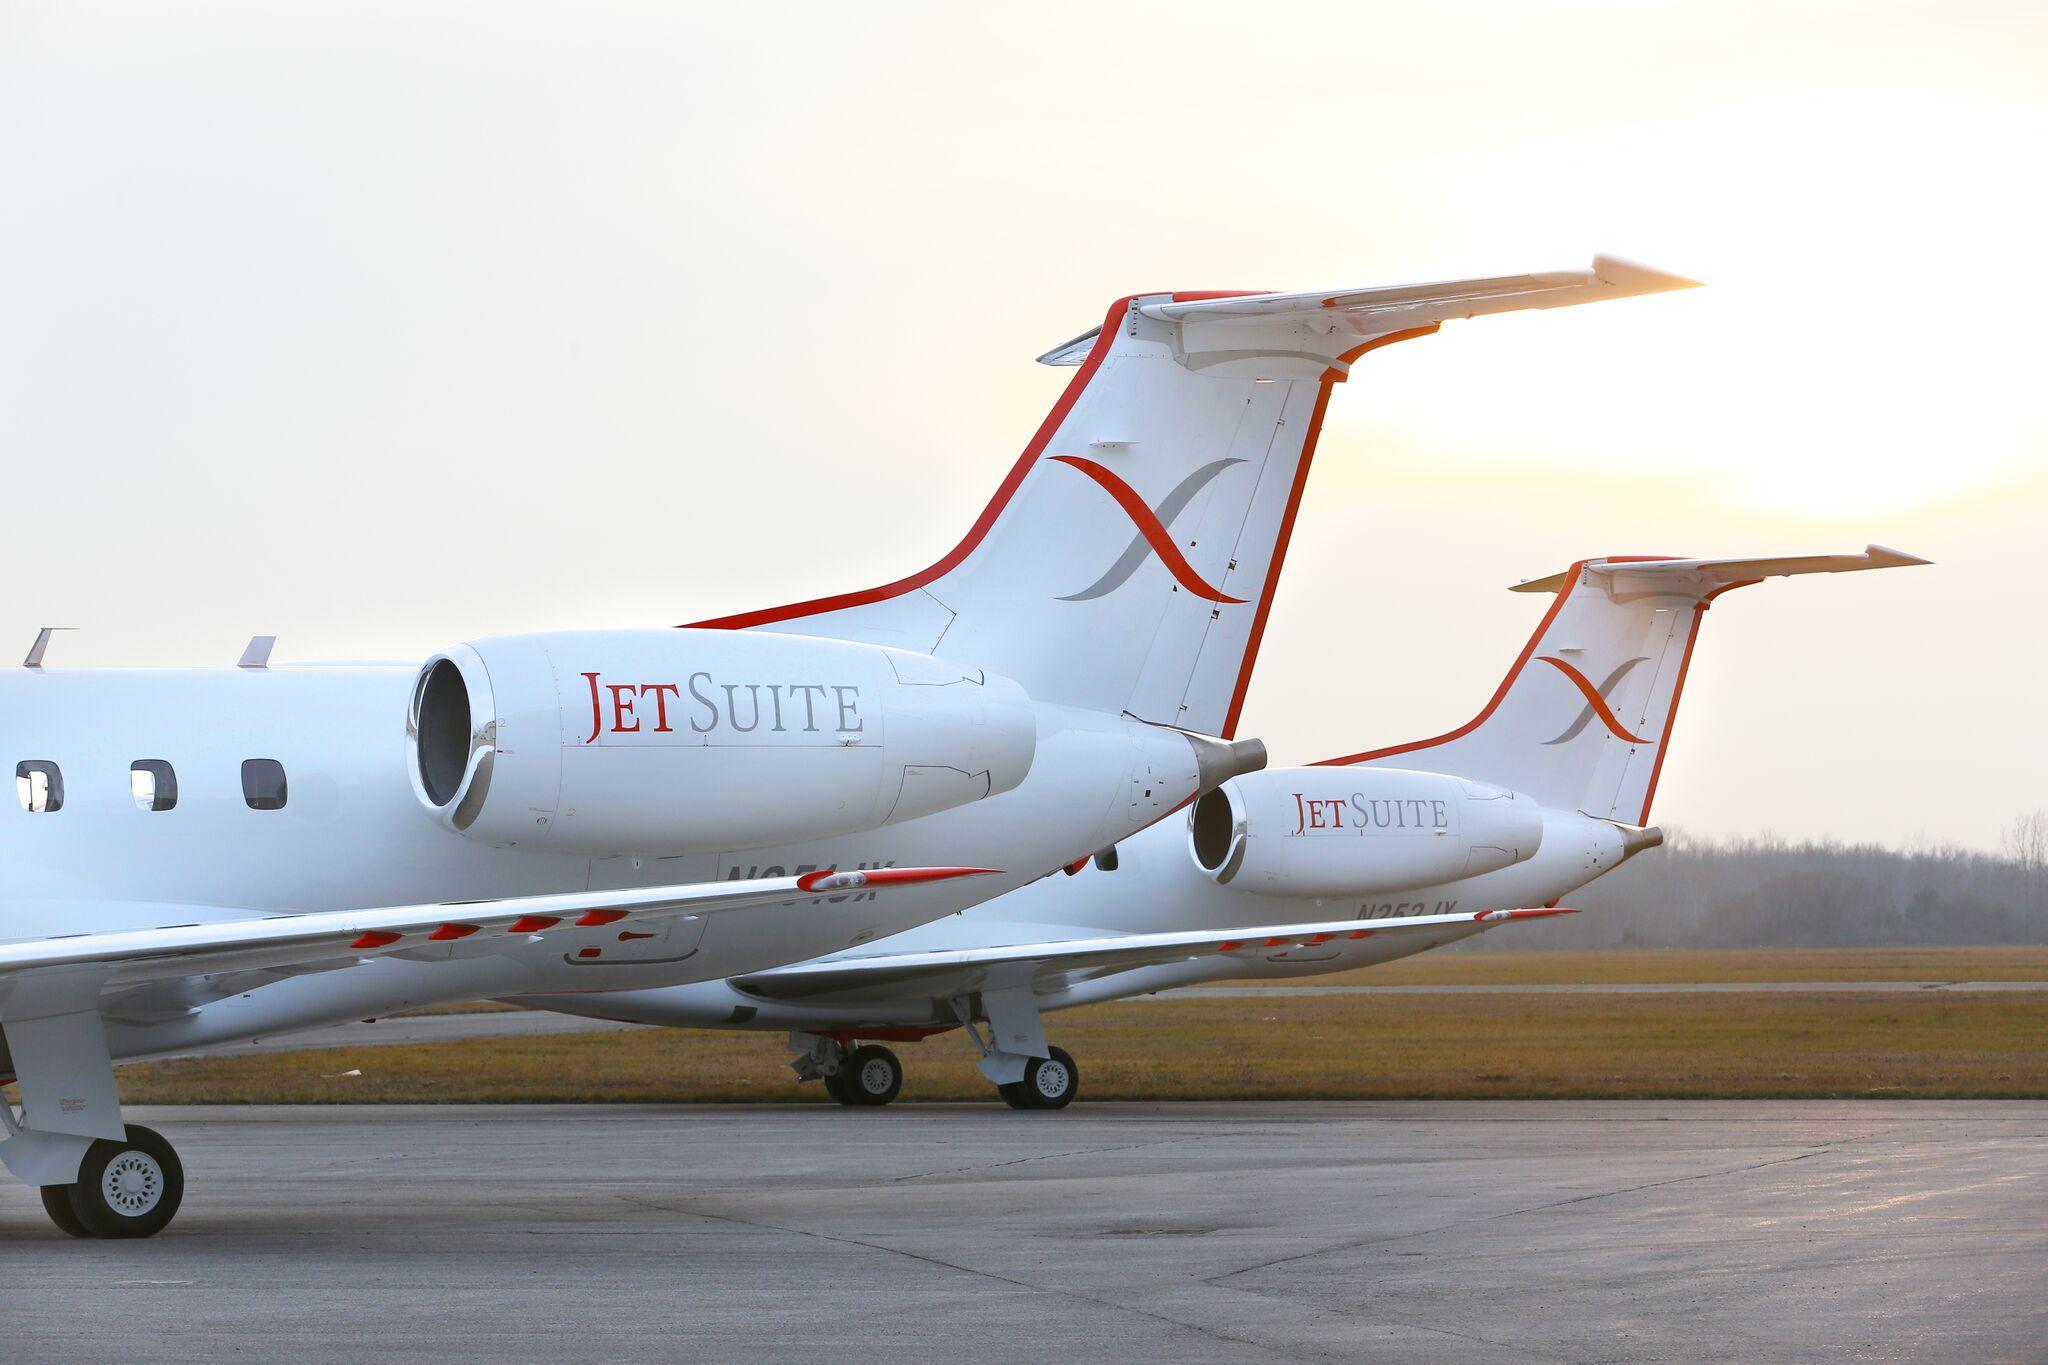 California Based Charter Airline Jetsuite Plans 100 Plane Fleet